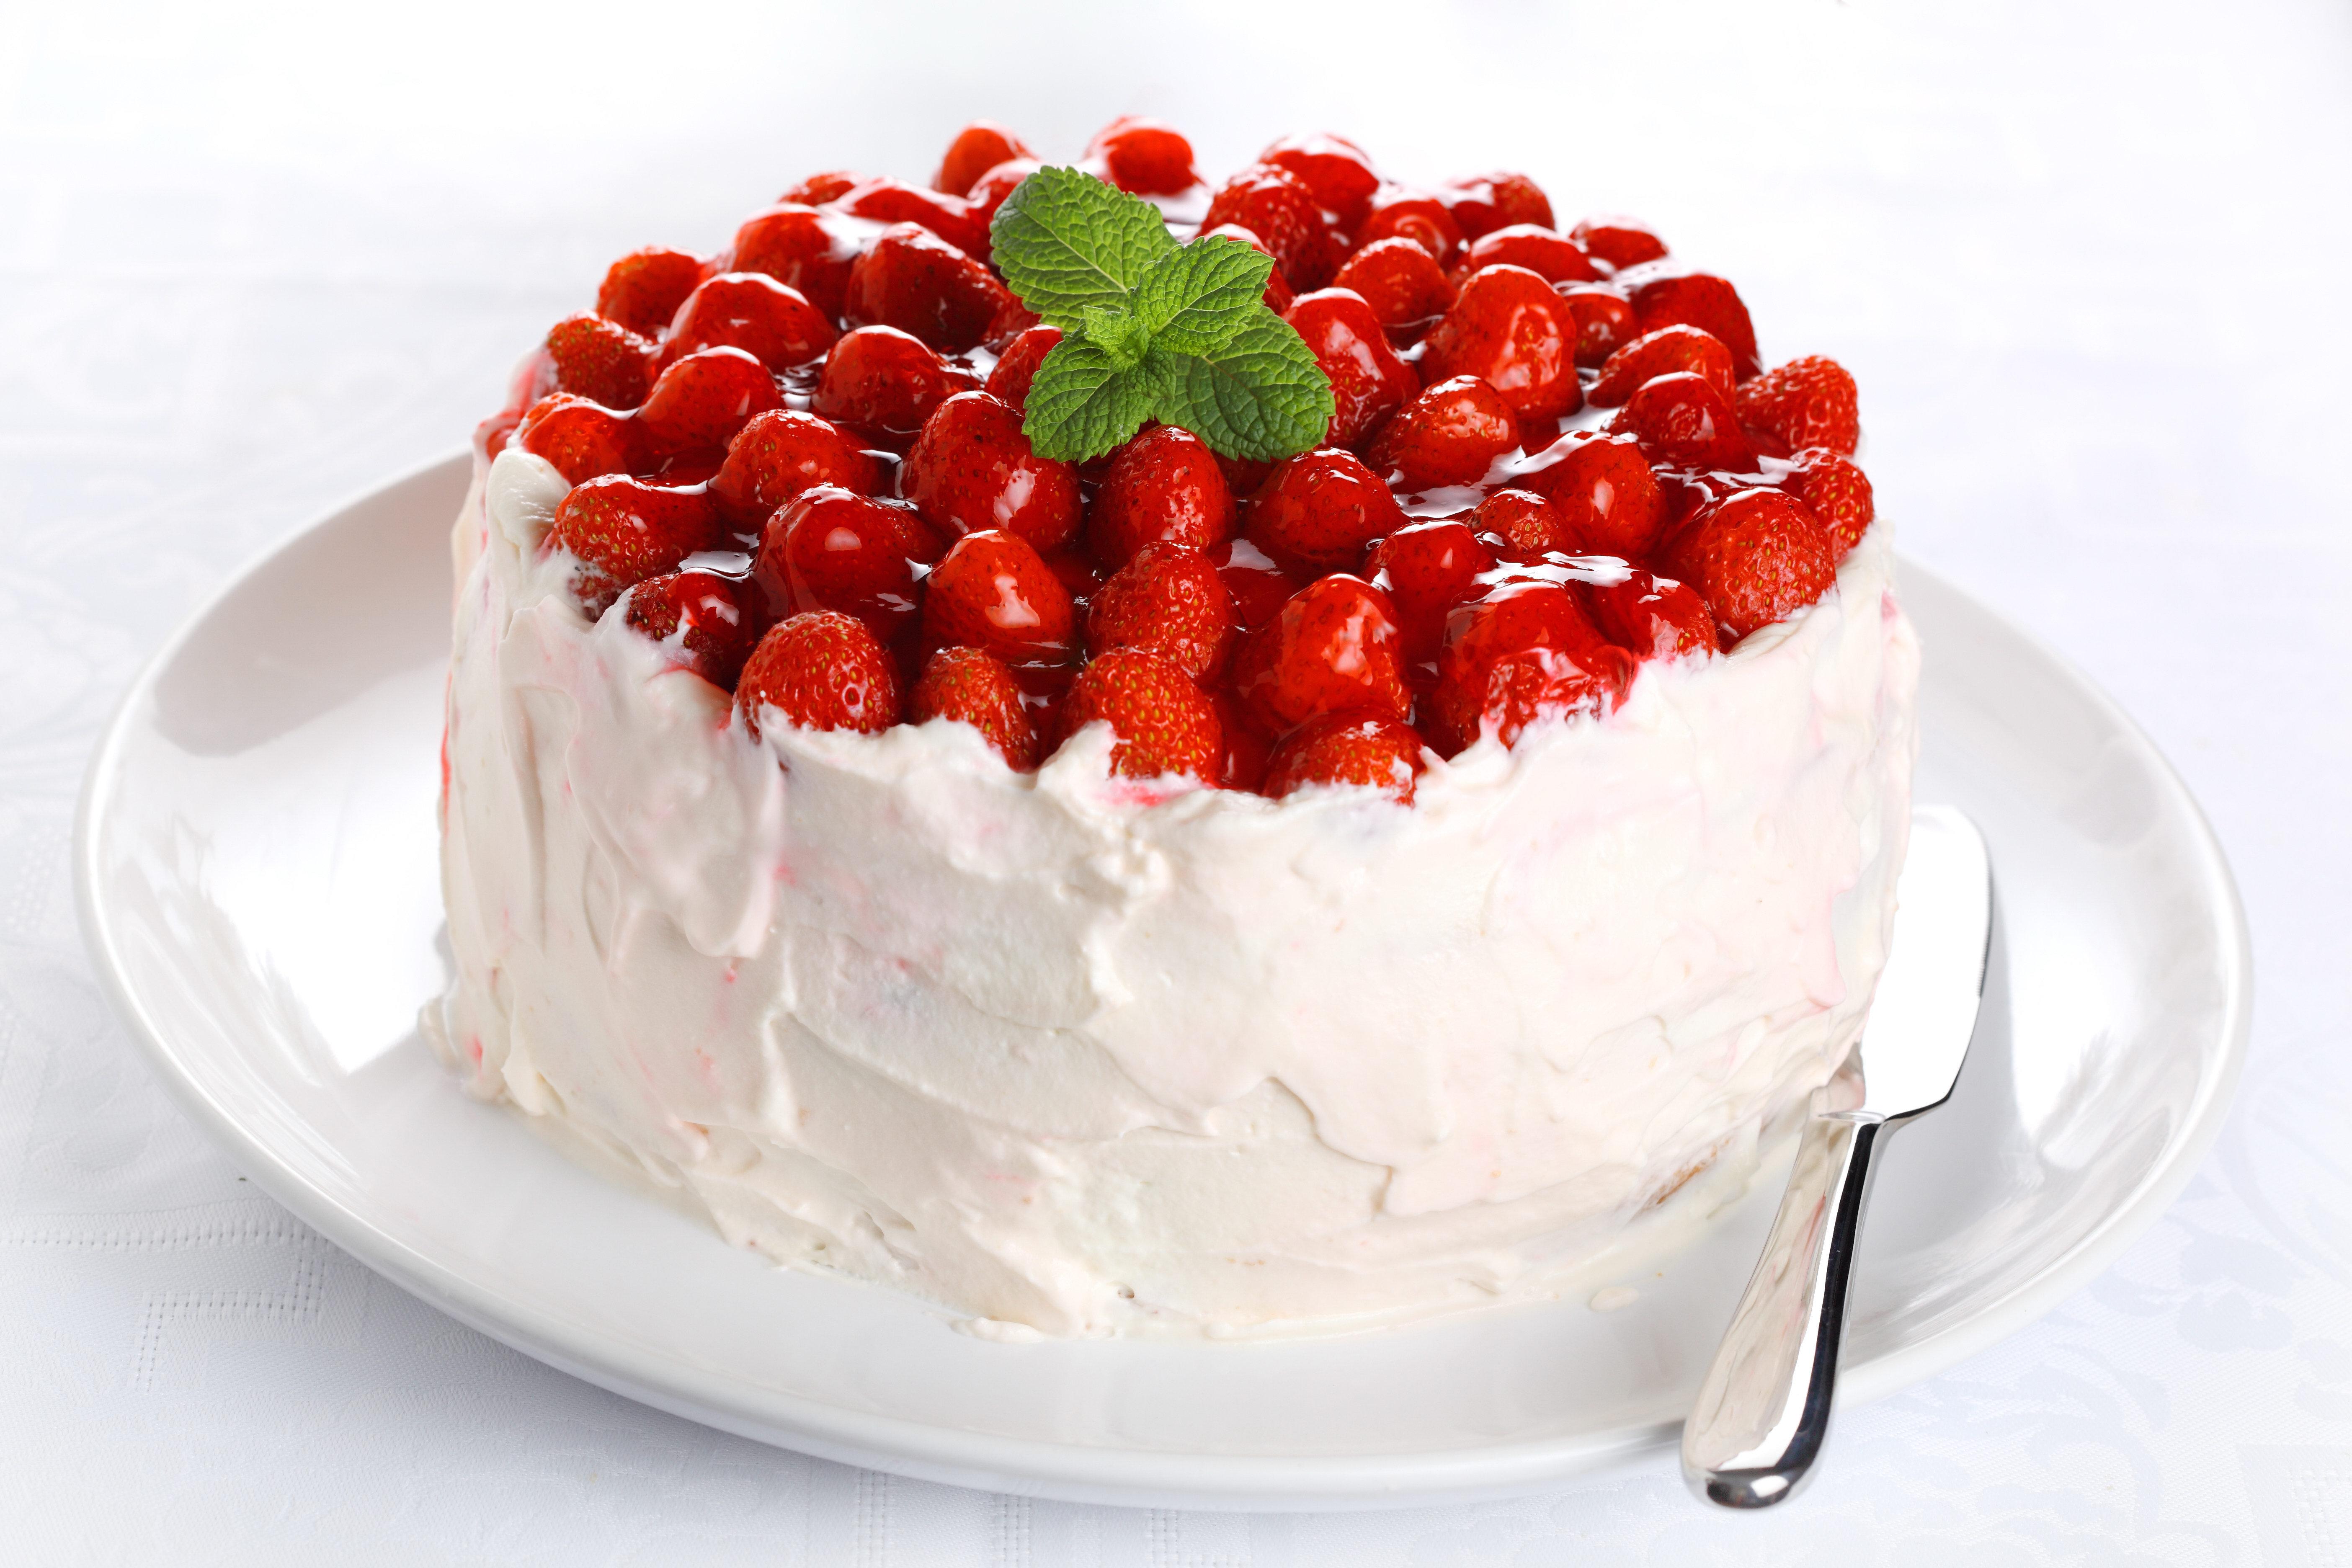 еда торт клубника без смс